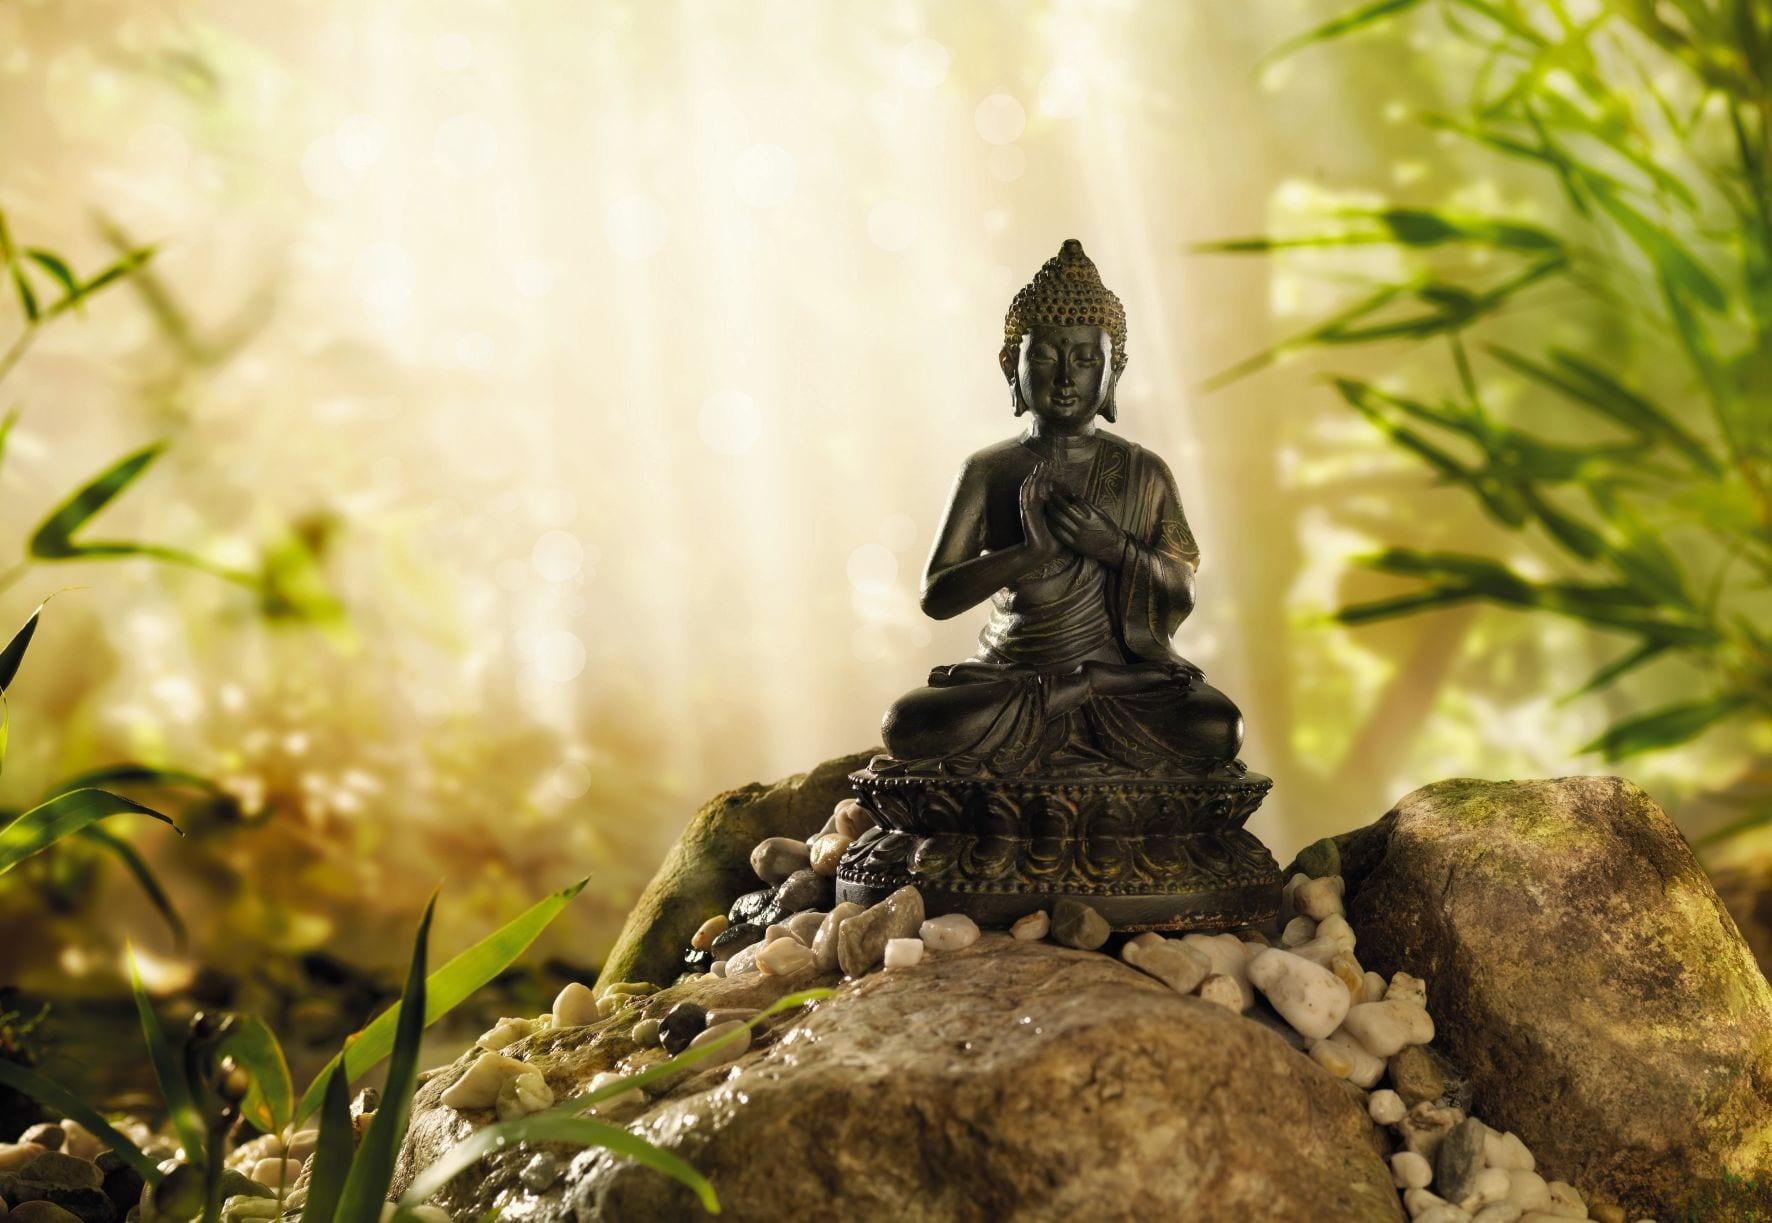 Fotomural Buda 1610 Komar